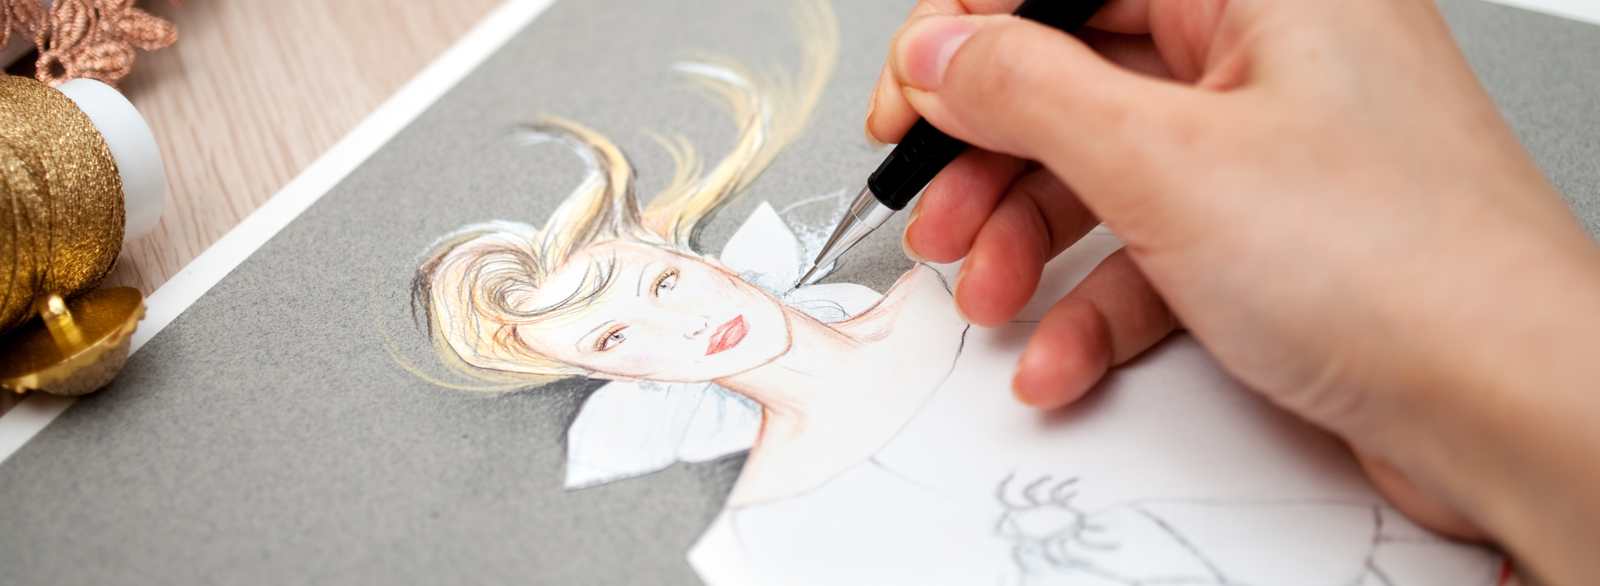 Curso de Dibujo de Moda. Dibujo de Figurín